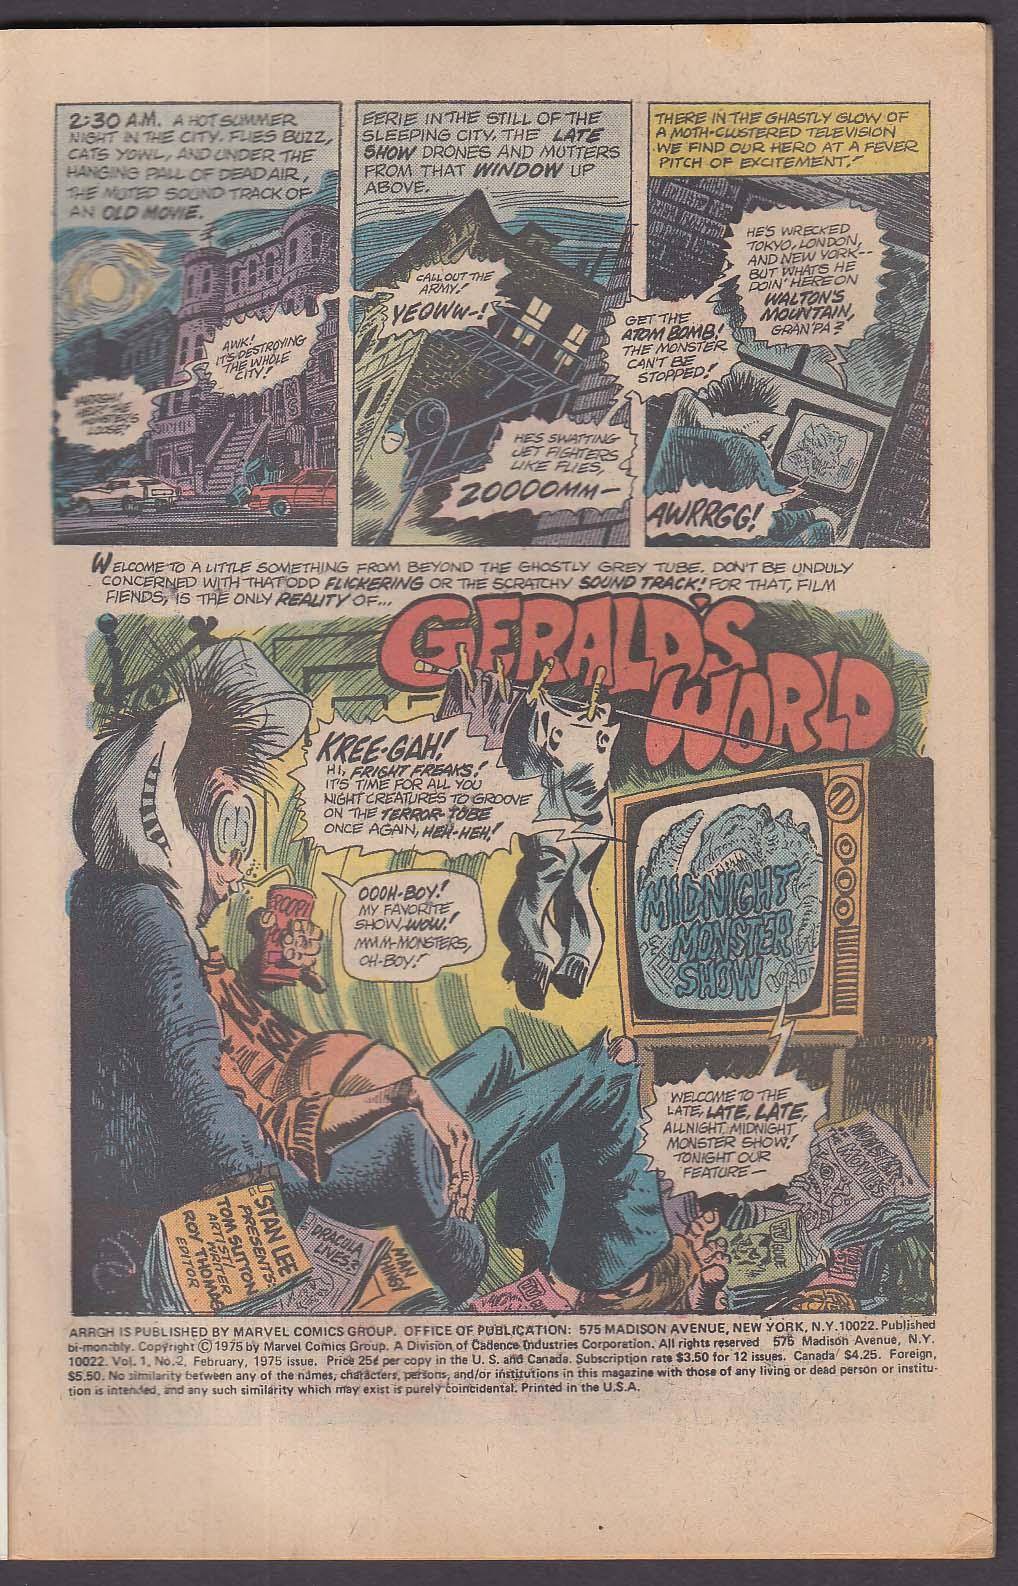 ARRGH Vol 1 #2 Marvel comic book 2 1975